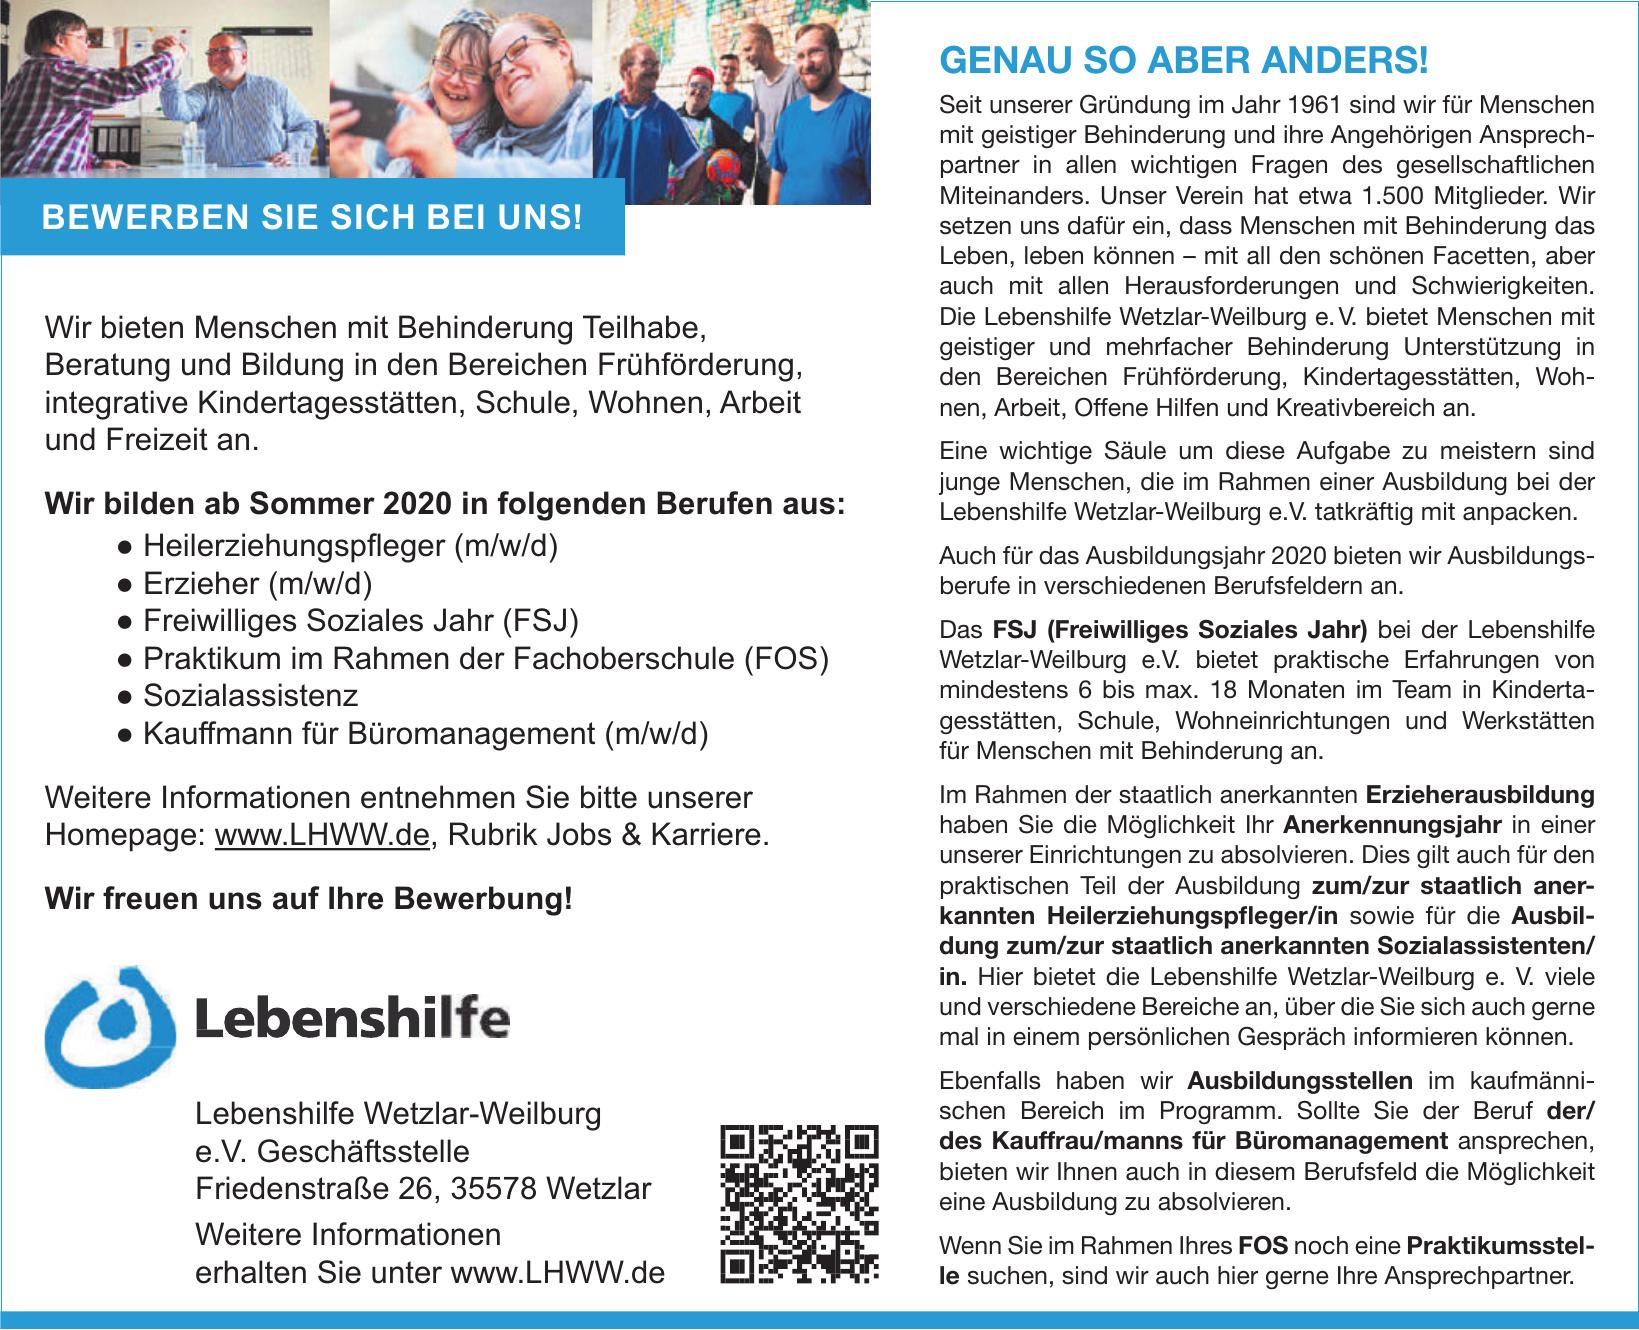 Lebenshilfe Wetzlar-Weilburg e.V.